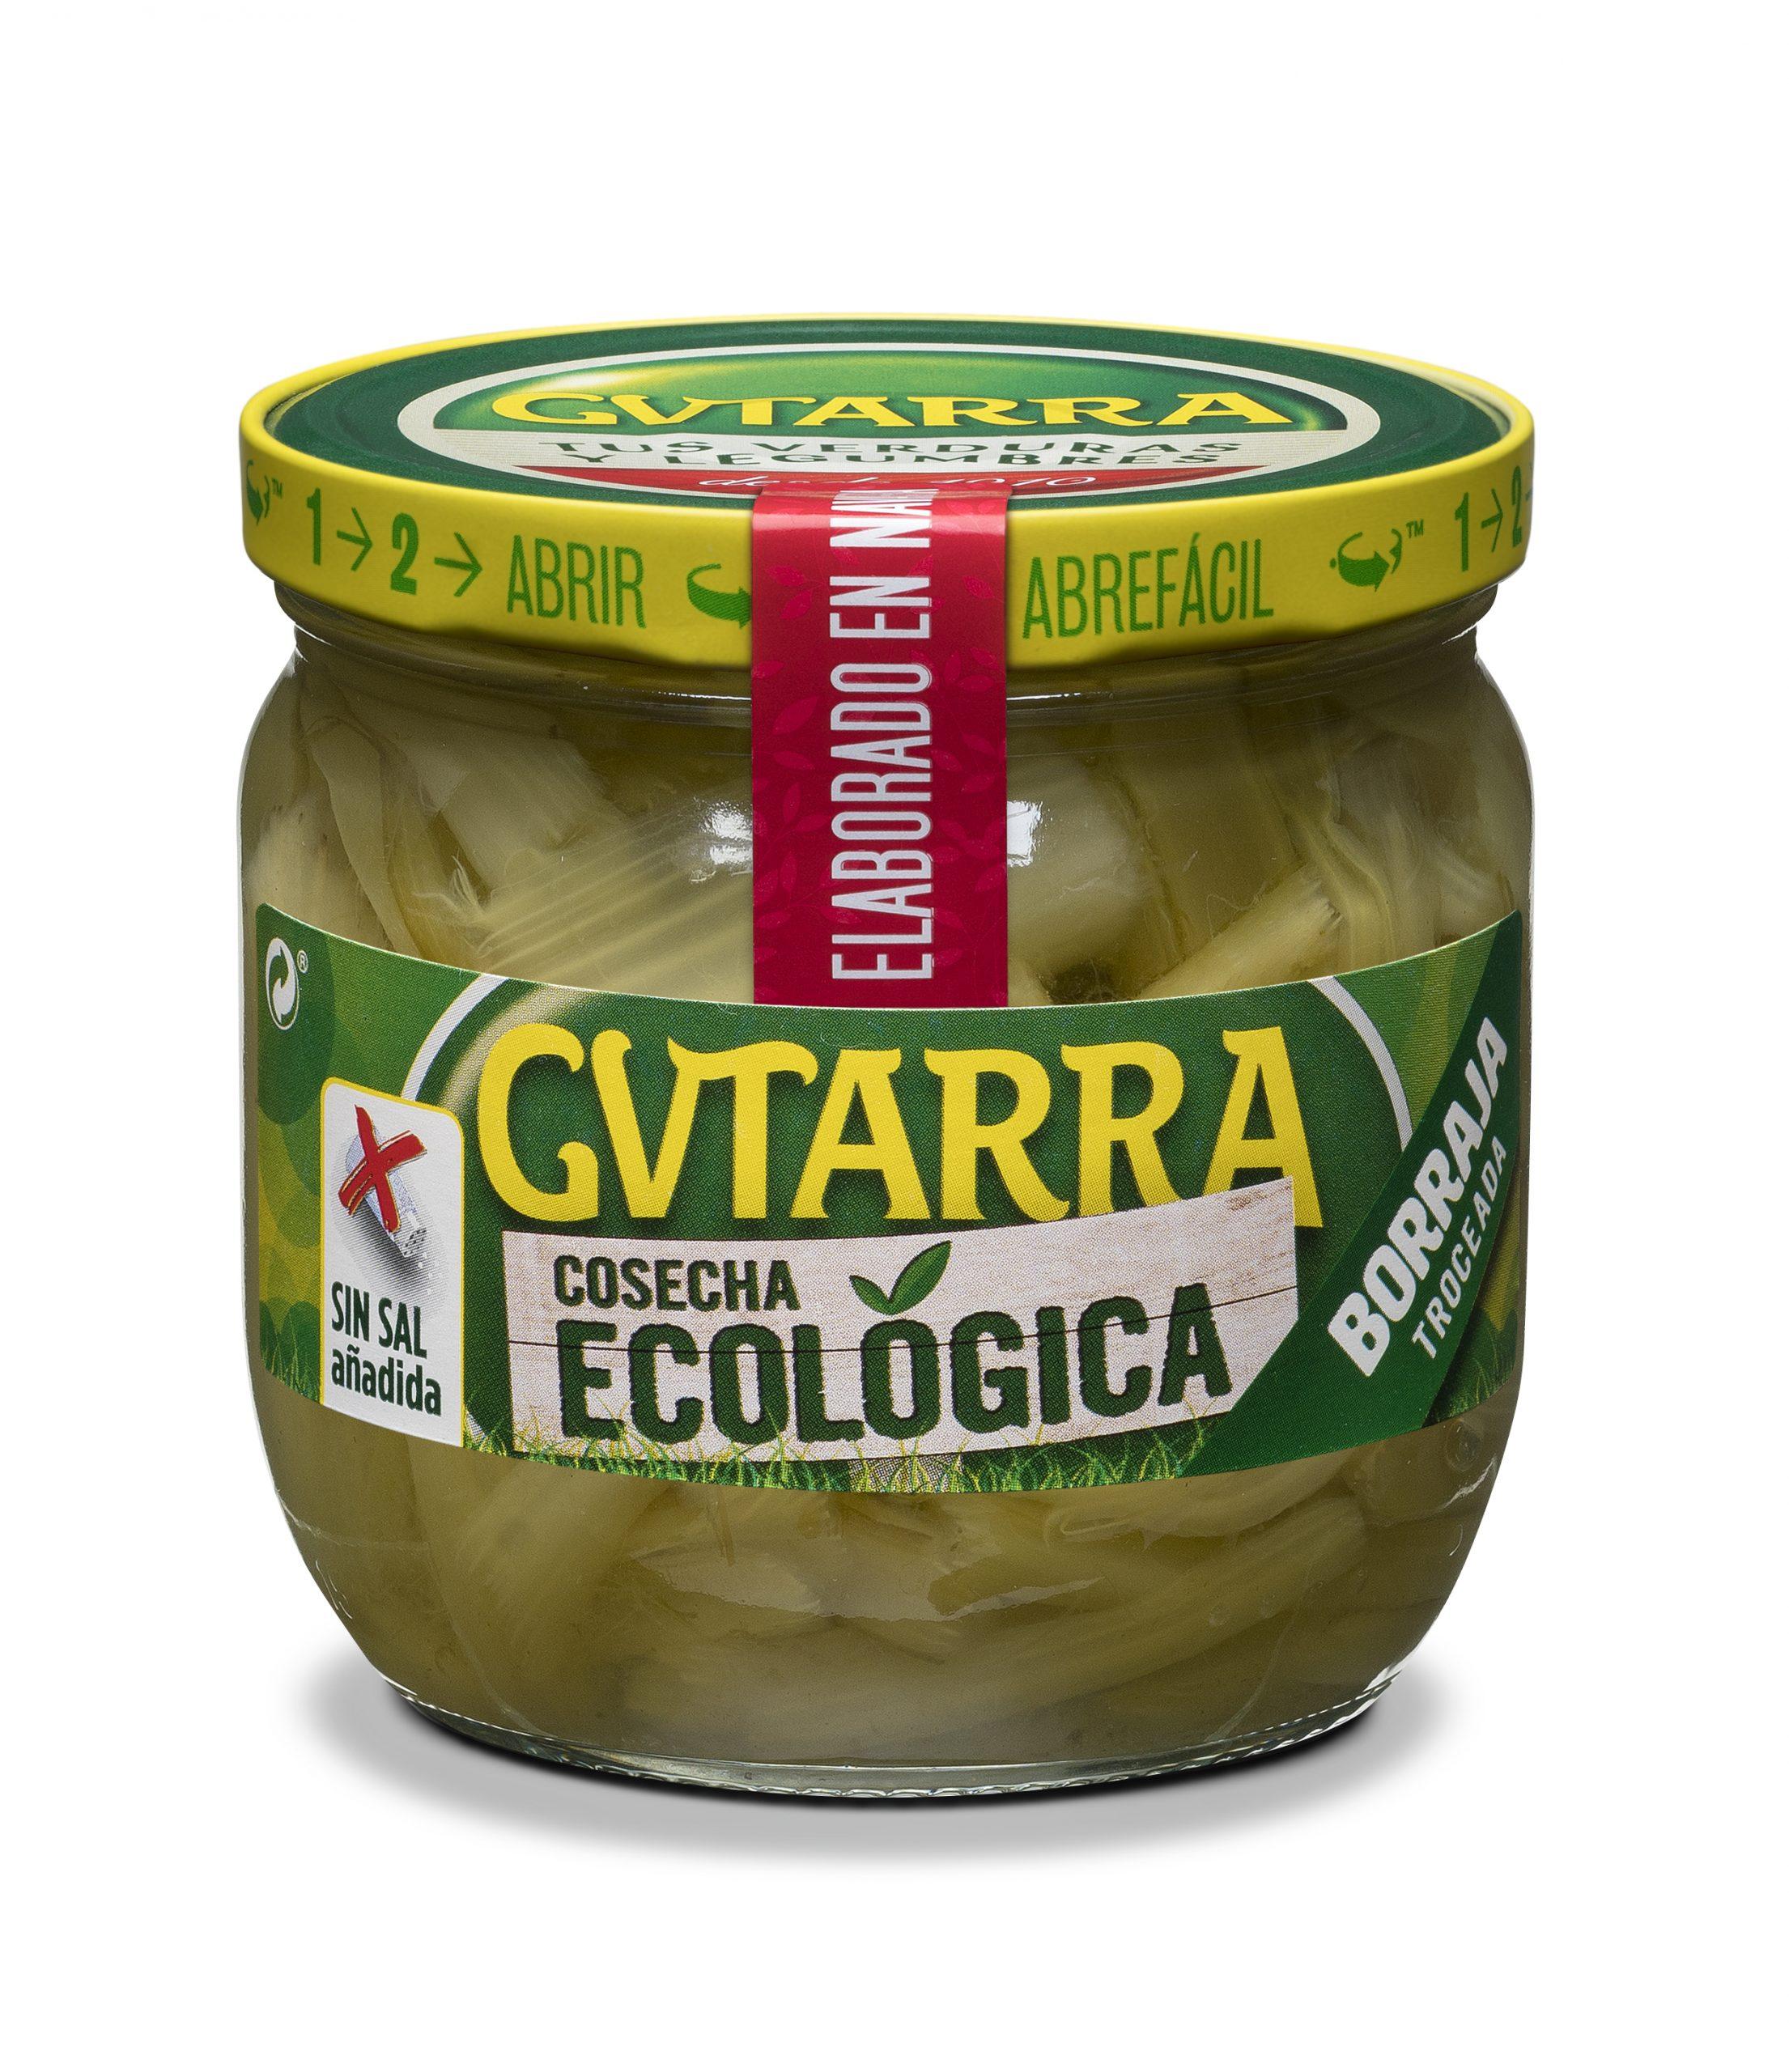 Gvtarra Cosecha Ecológica